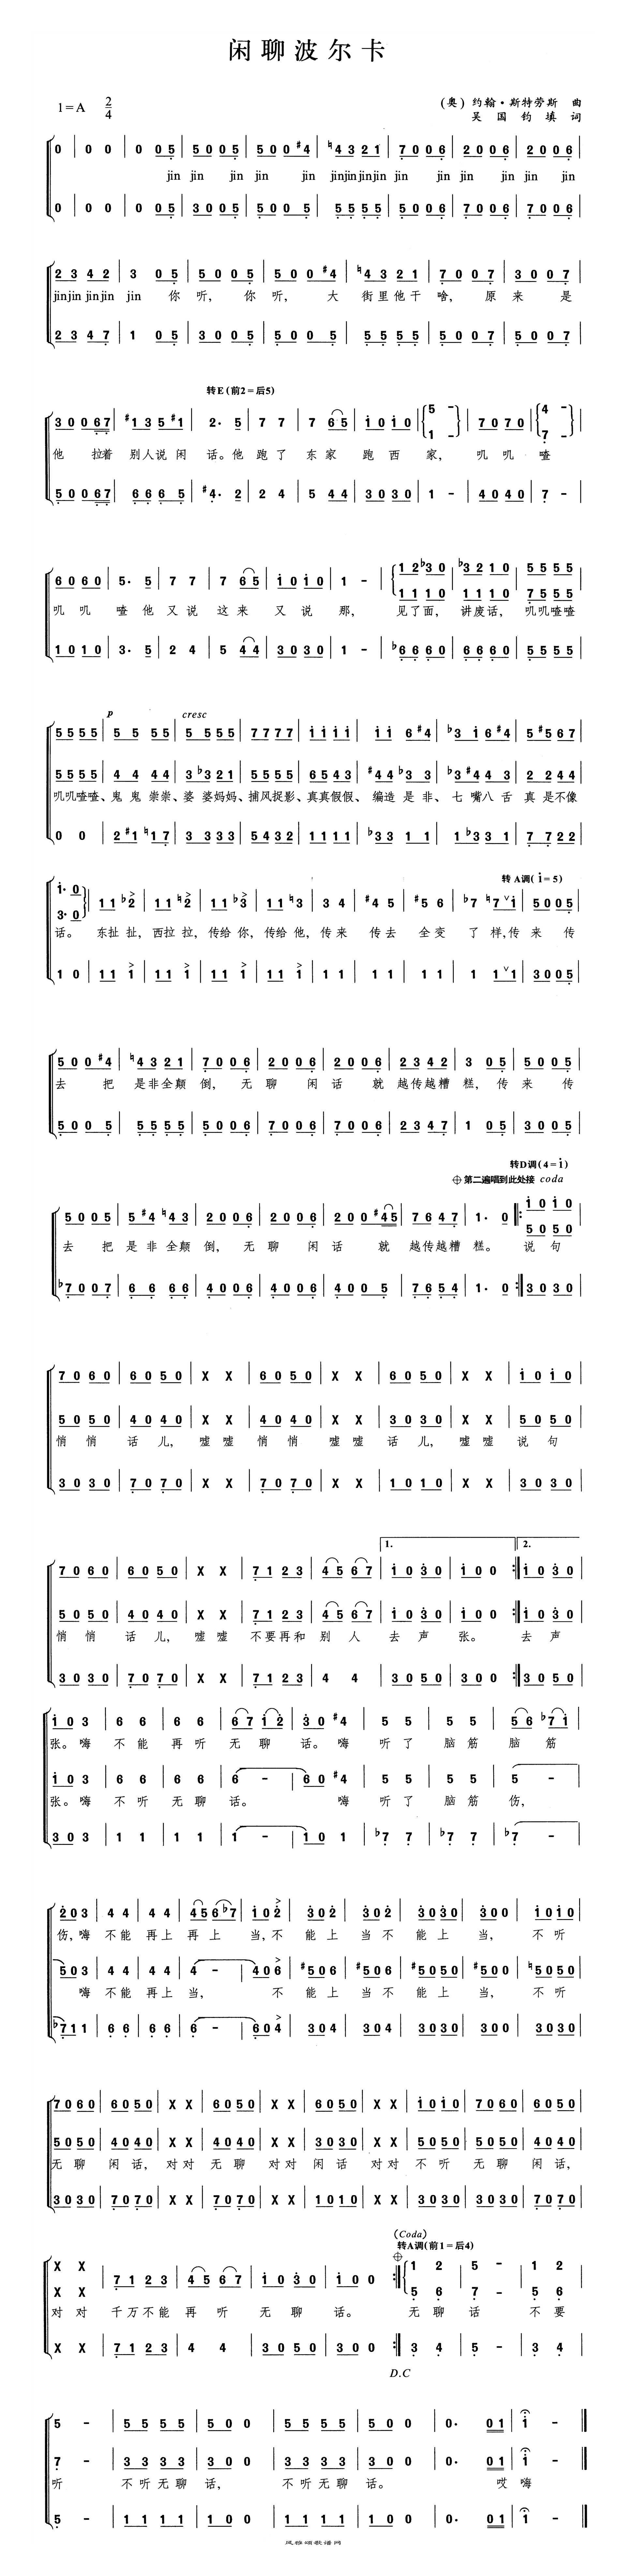 闲聊波尔卡(童声)(外国)高清打印歌谱简谱